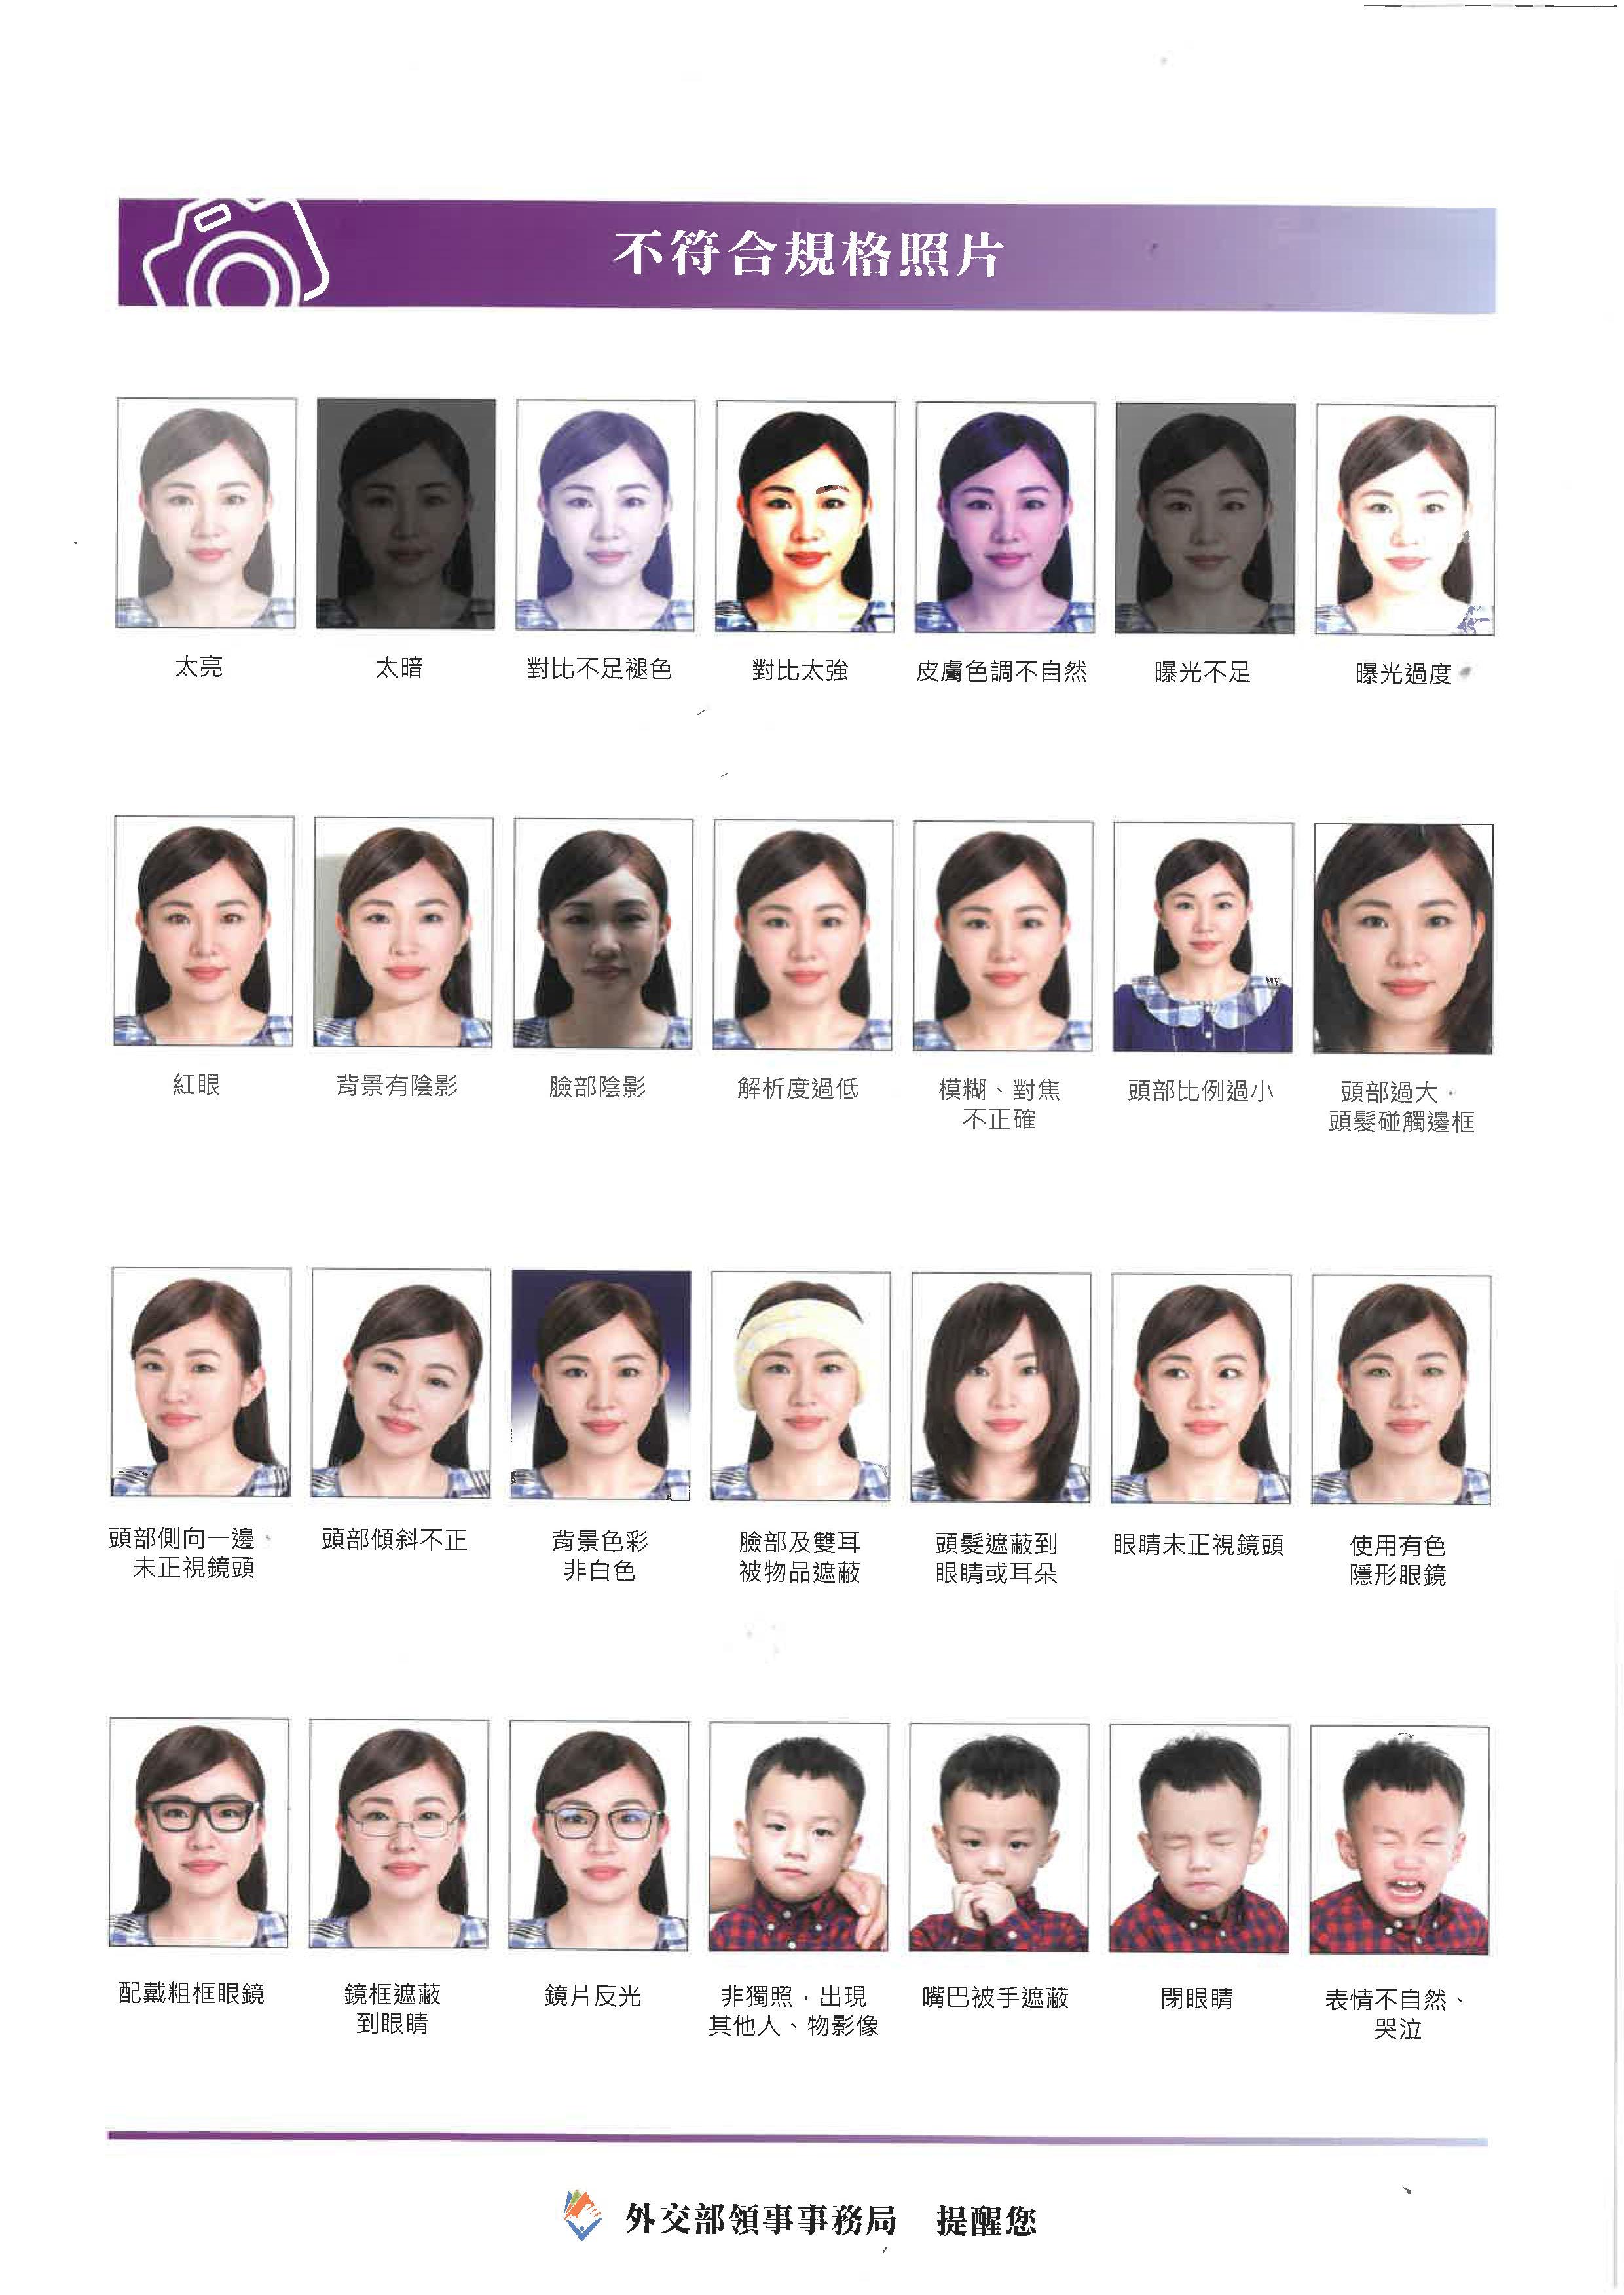 晶片護照相片規格_頁面_4.png